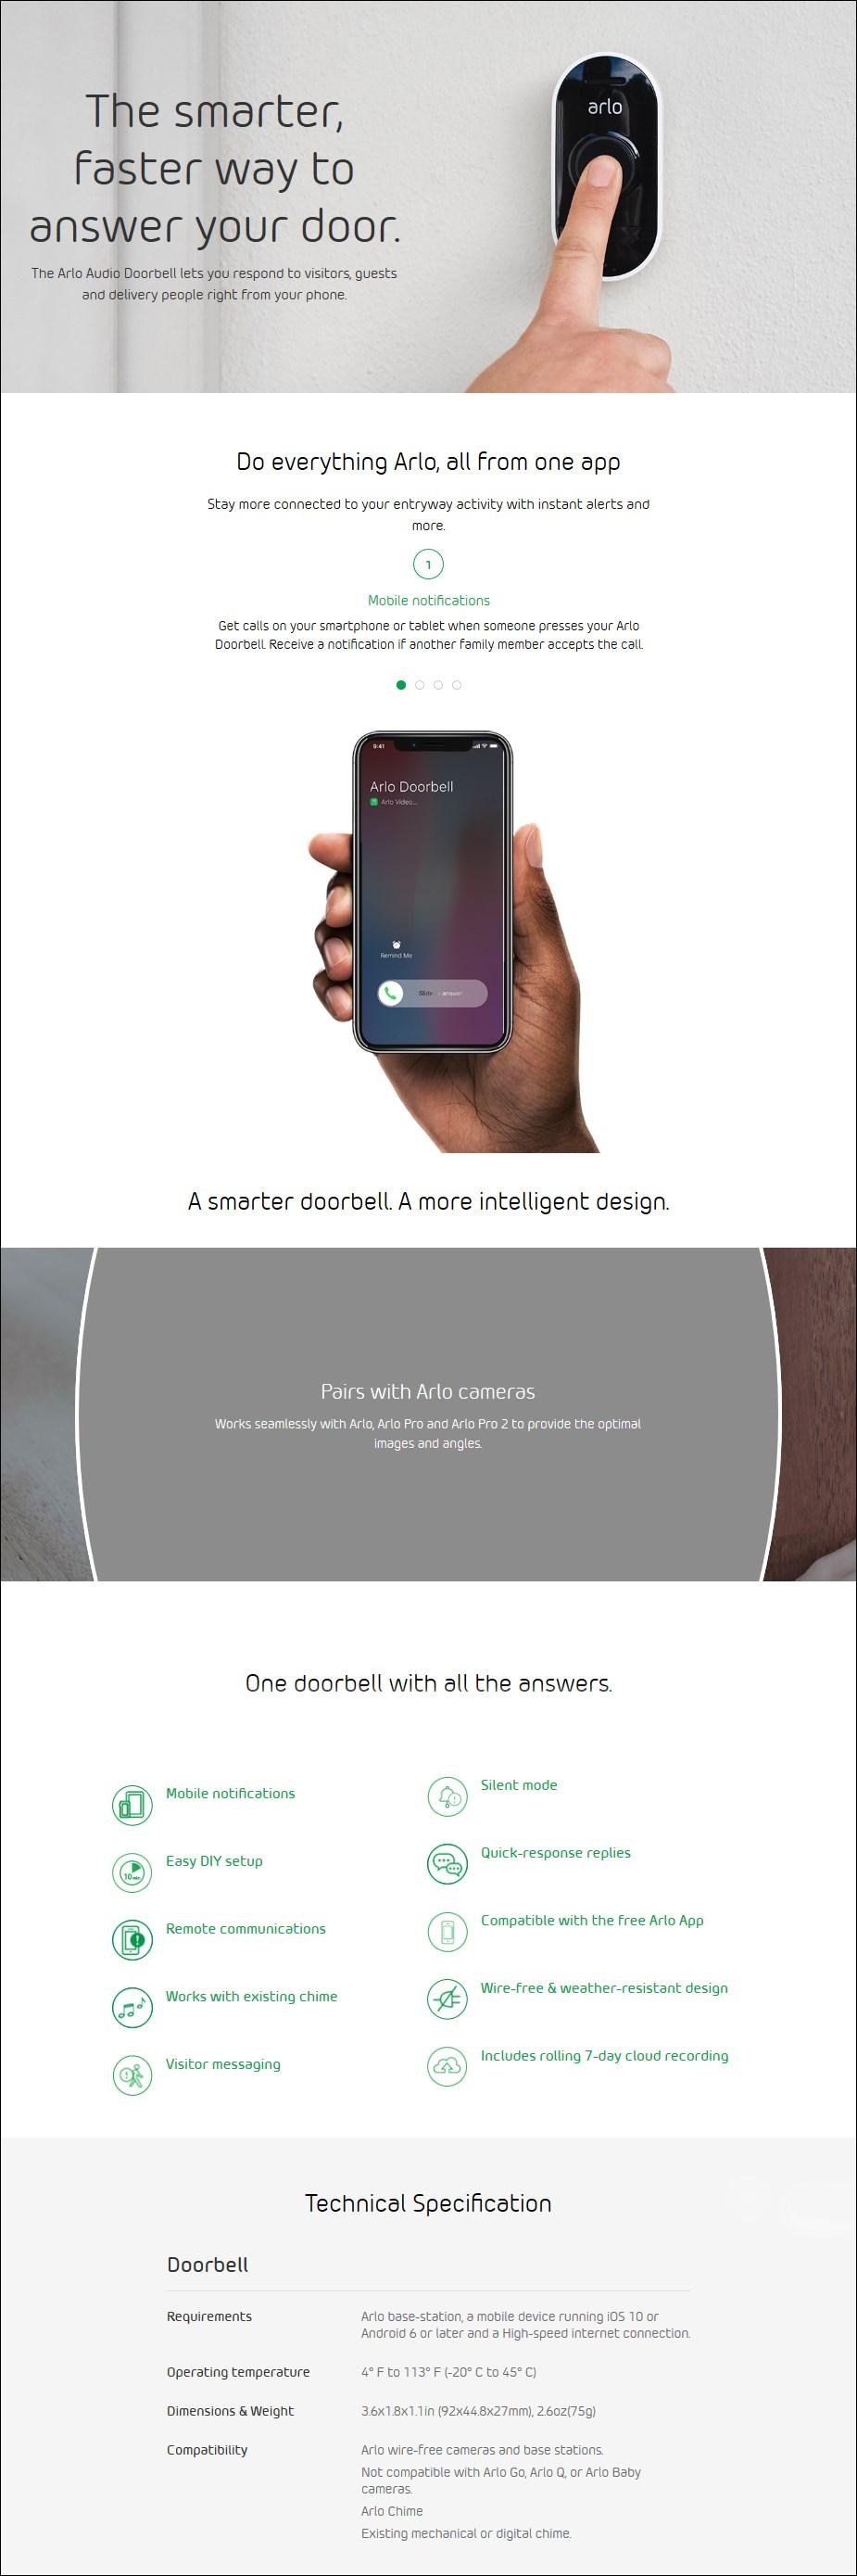 Arlo Audio Wire-Free Doorbell - Desktop Overview 1